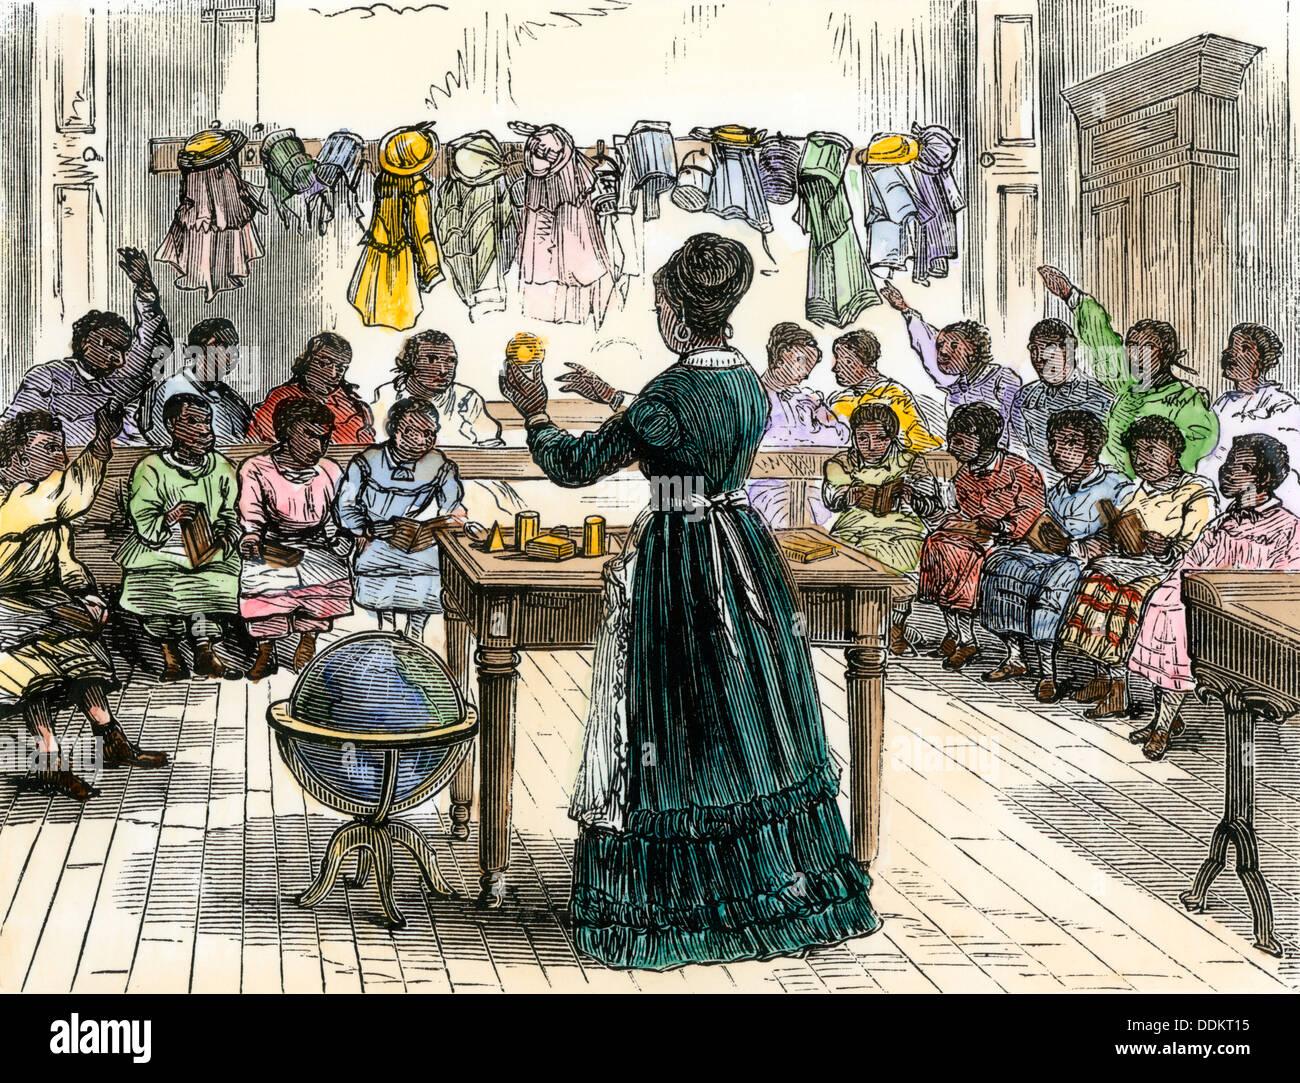 """Les objets d'enseignement aux enfants dans une """"école de couleur', New York, 1870. À la main, gravure sur bois Photo Stock"""